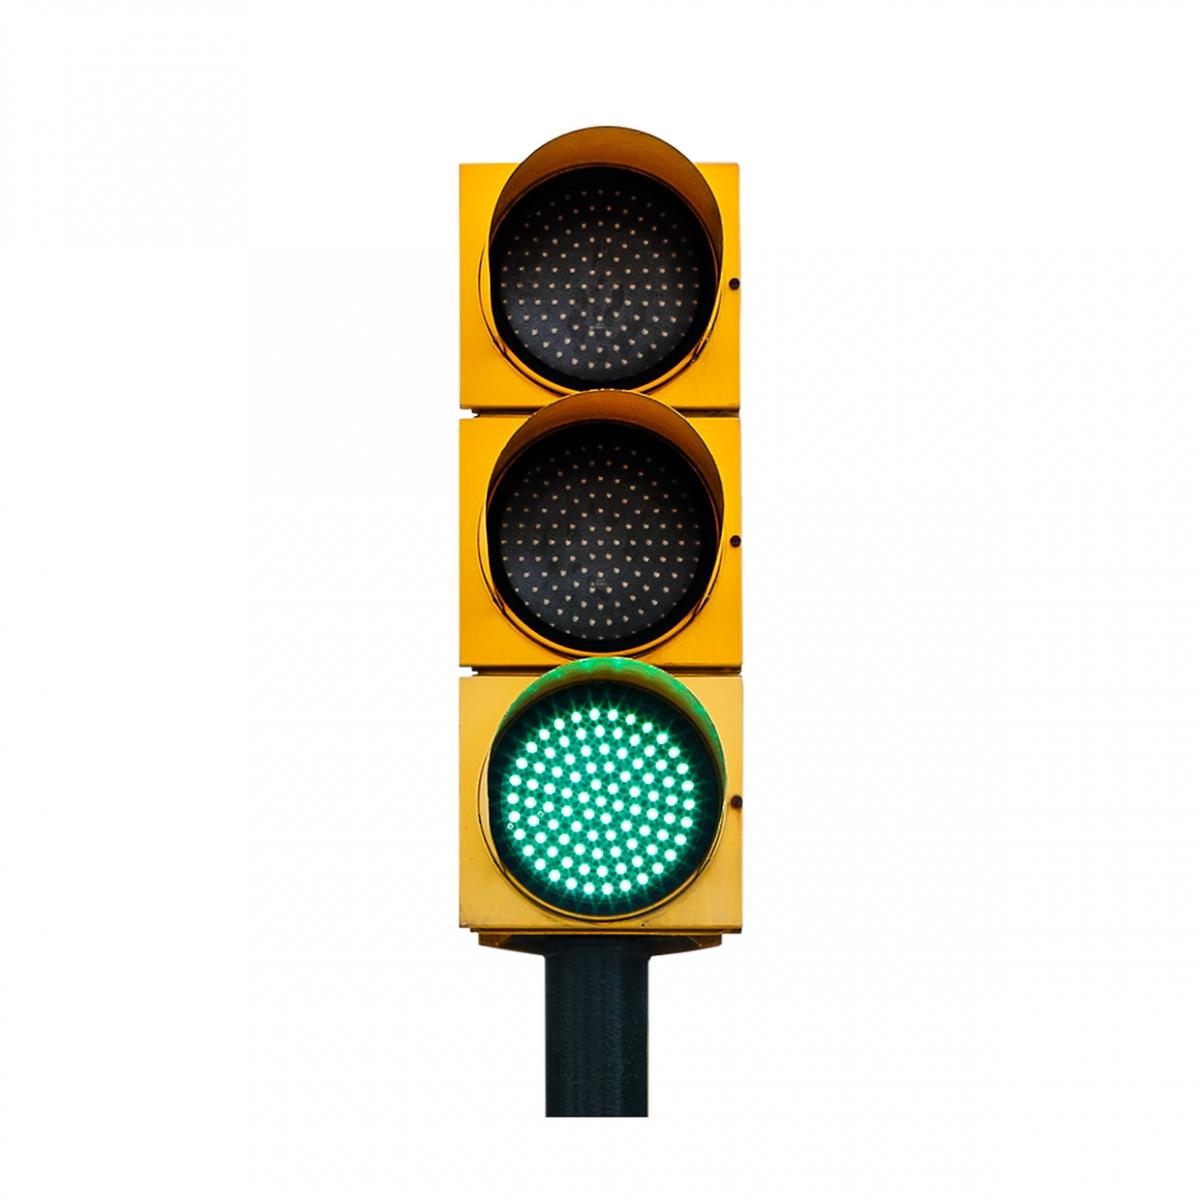 Imagen en la que se ve un semáforo con la luz verde iluminada